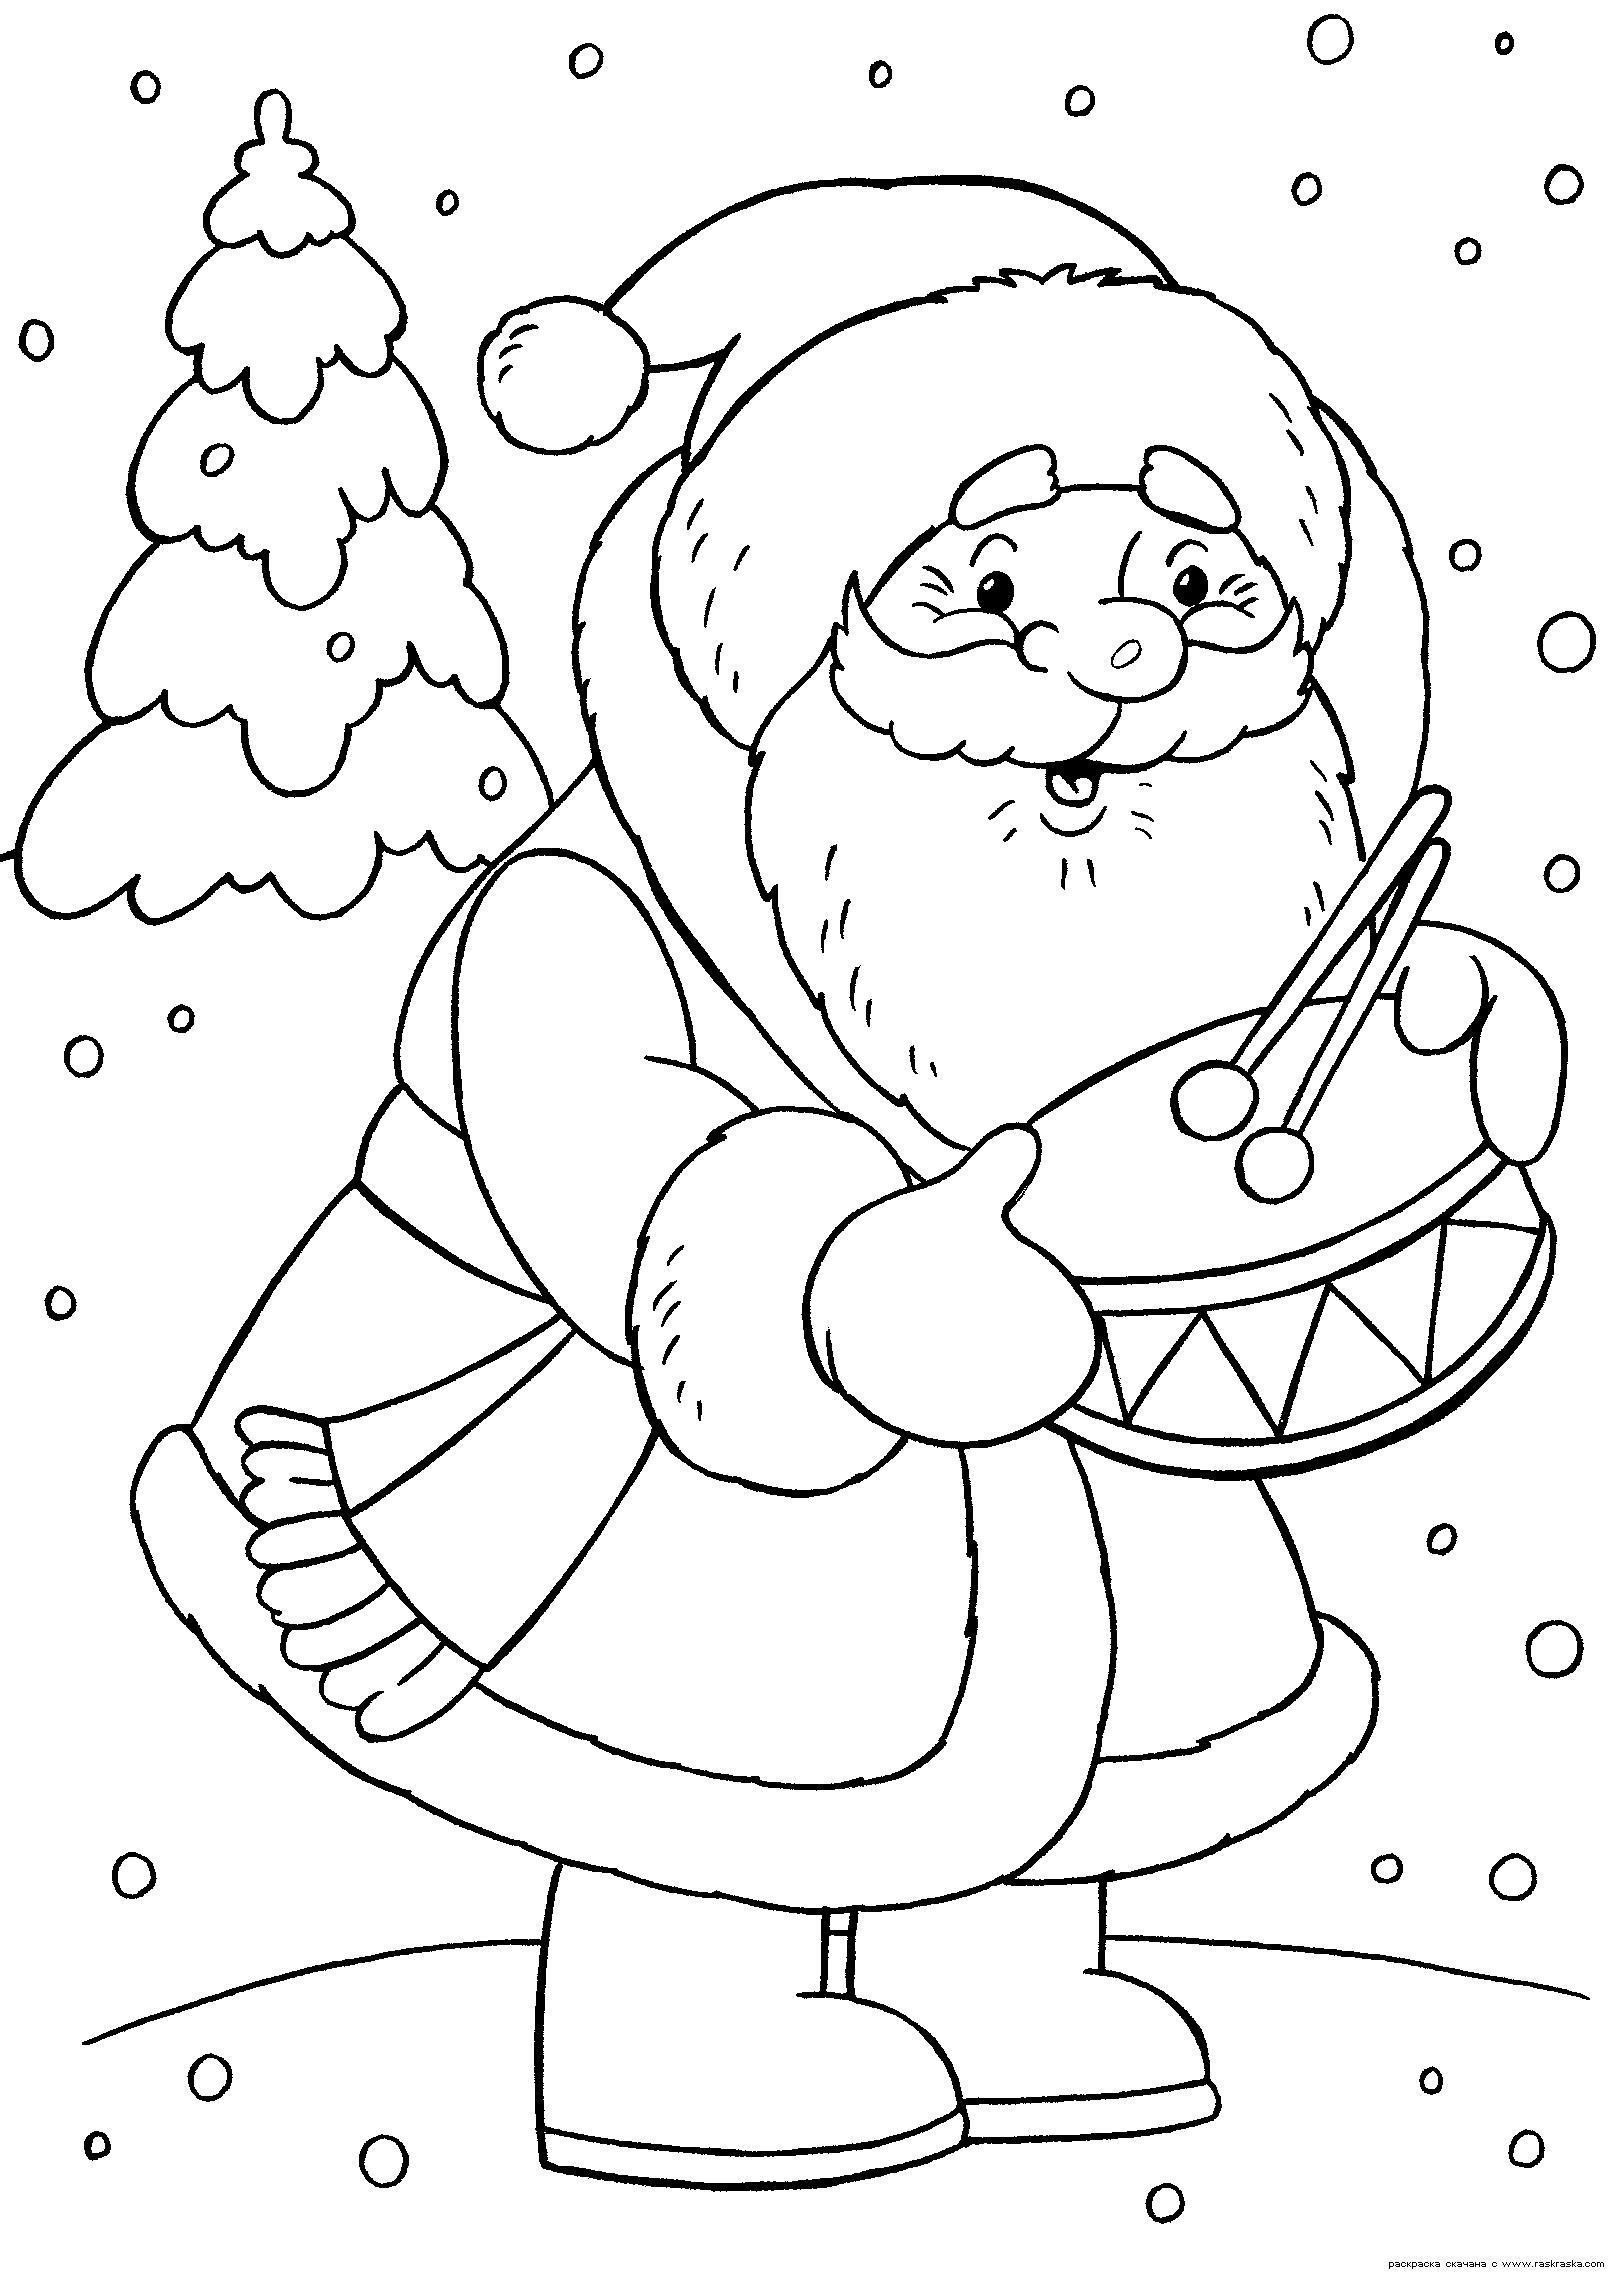 Новый год, дед мороз с барабаном Раскраска зима пришла